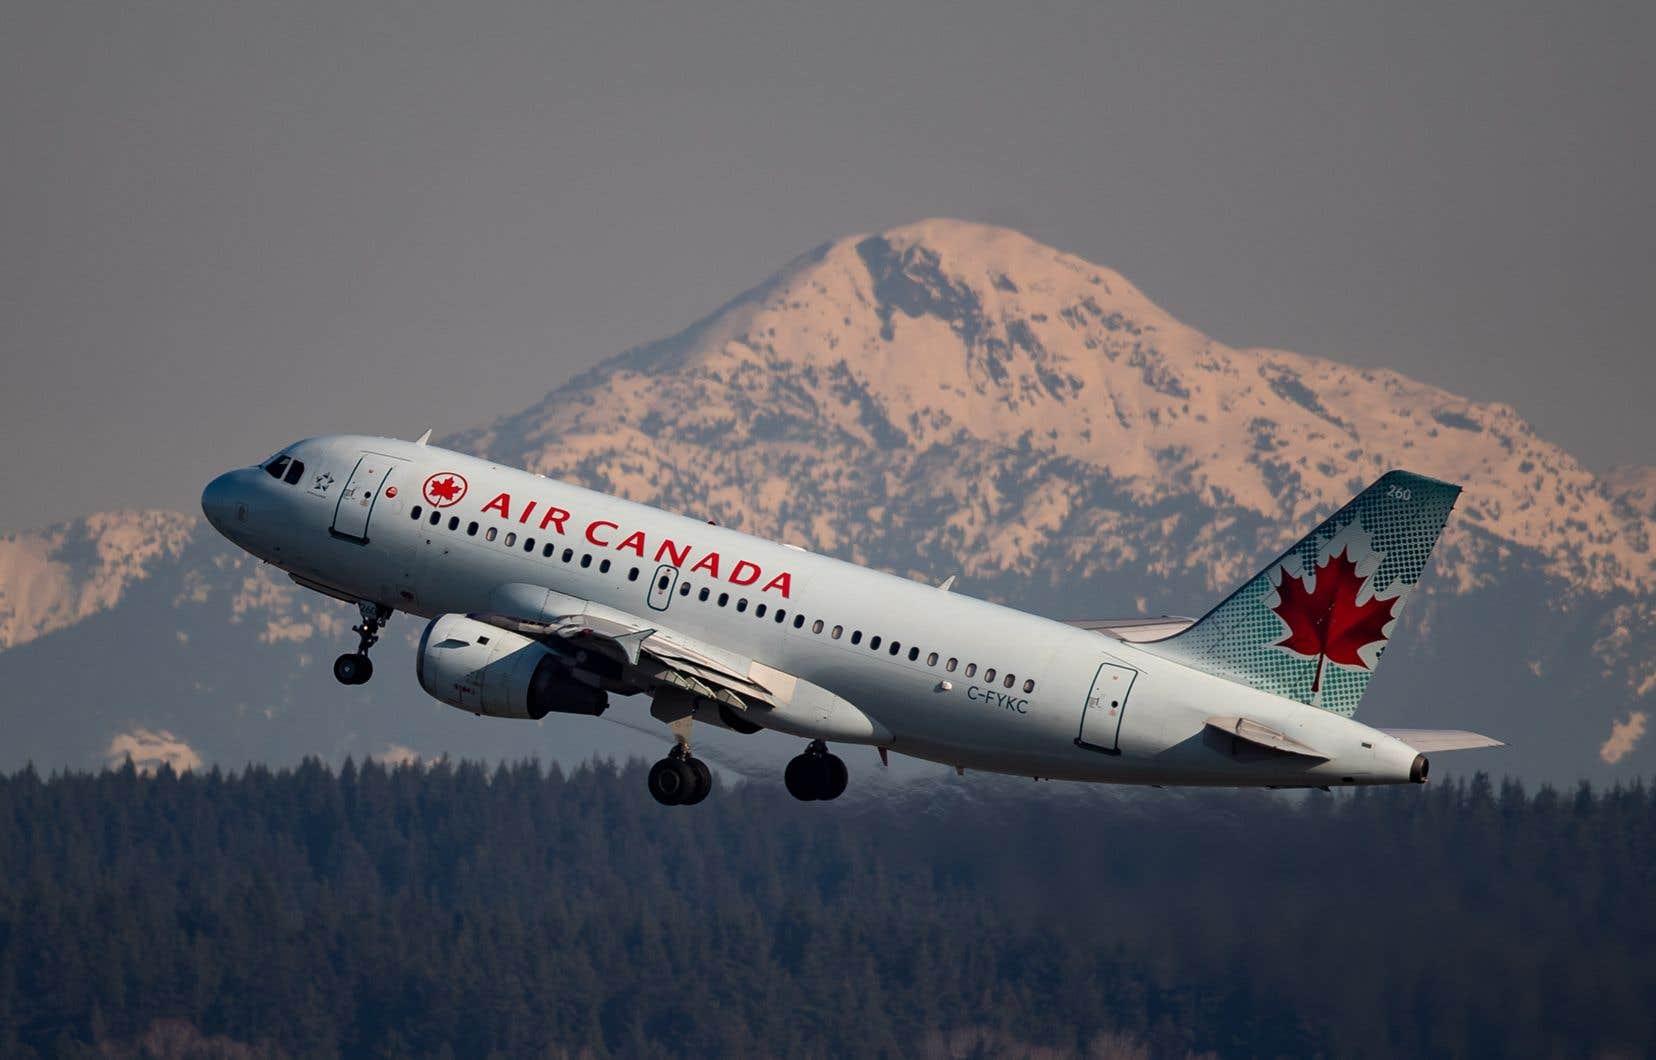 Au terme de l'exercice terminé le 31 décembre, les revenus annuels d'Air Canada, plus important transporteur aérien au pays, ont plongé de 70% pour s'établir à 5,8 milliards.